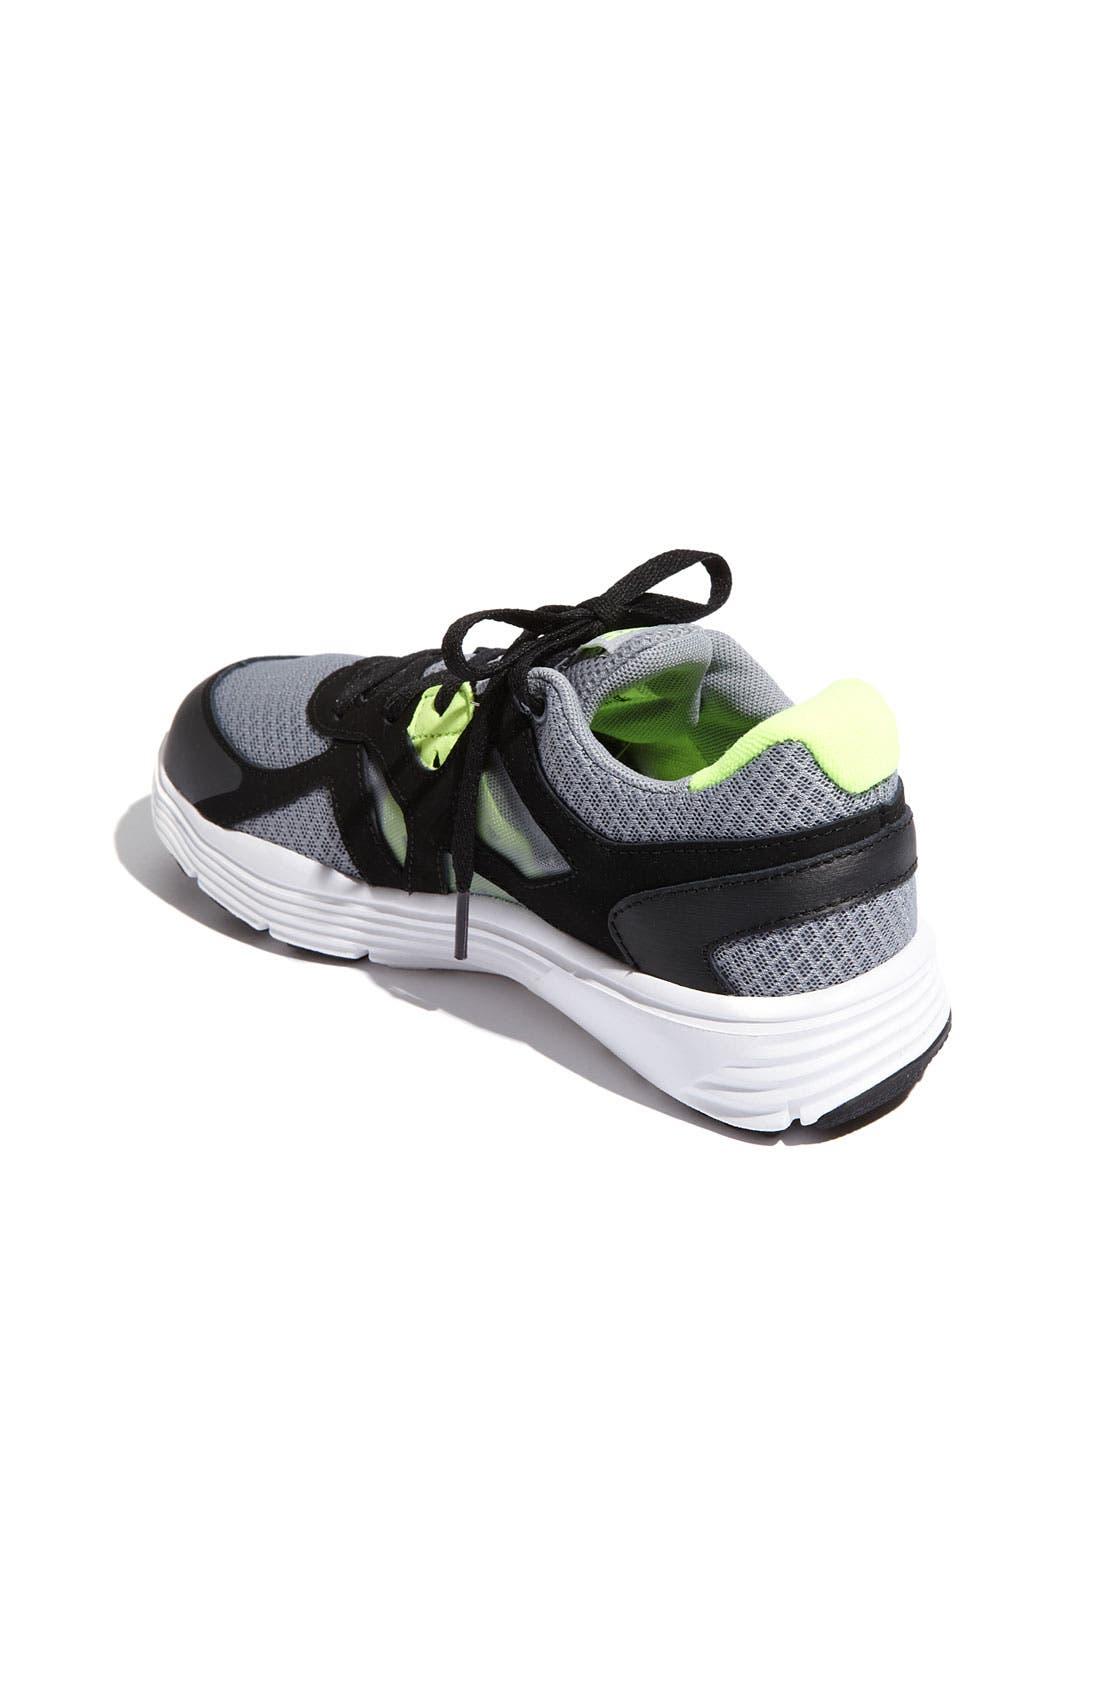 Alternate Image 2  - Nike 'LunarGlide 3' Running Shoe (Toddler, Little Kid & Big Kid)